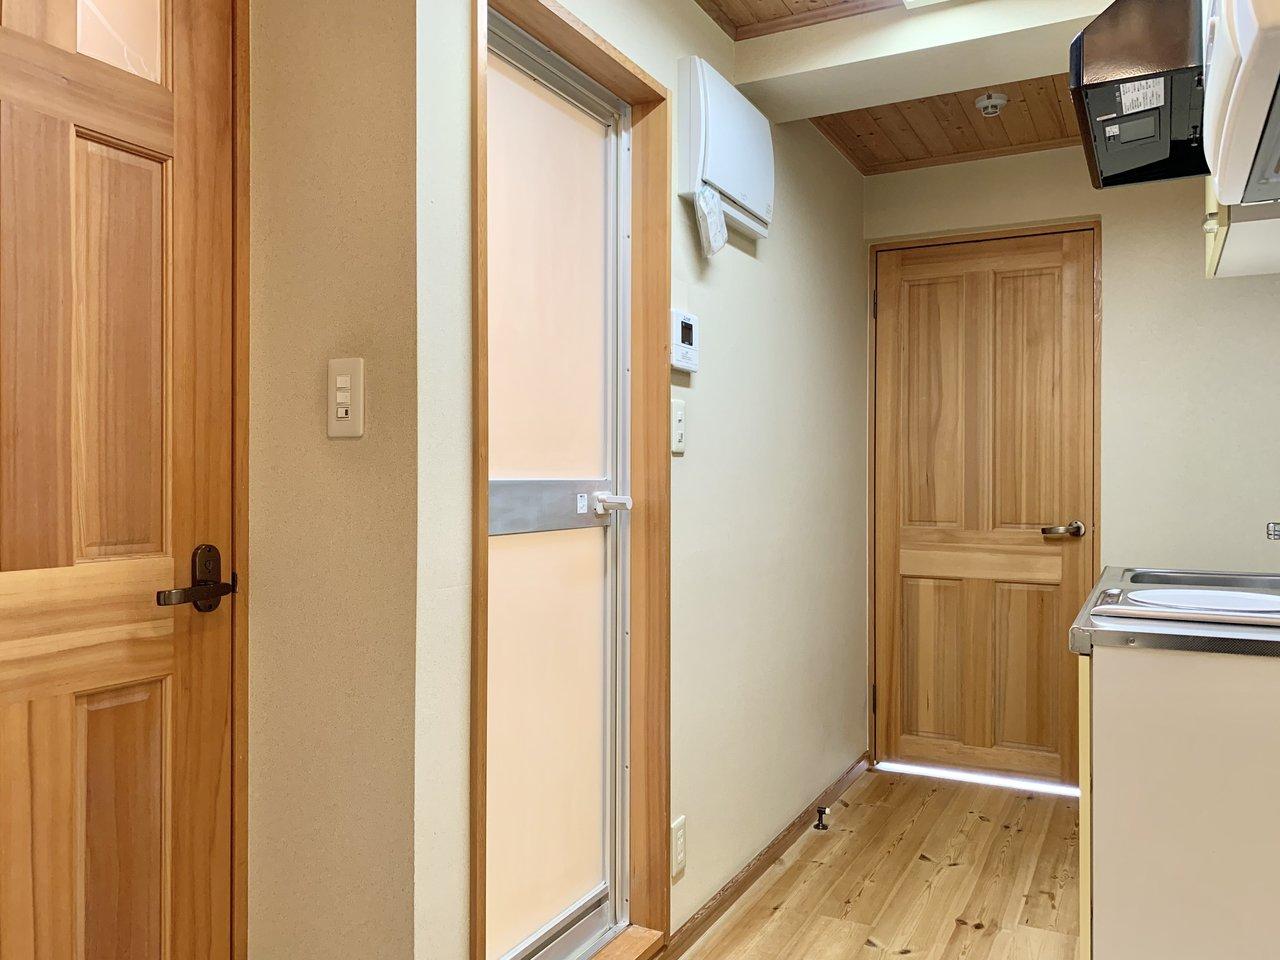 居室だけでなく、廊下部分にも木材が使われています。お料理中やお風呂上りにもホッと安らげそうです。